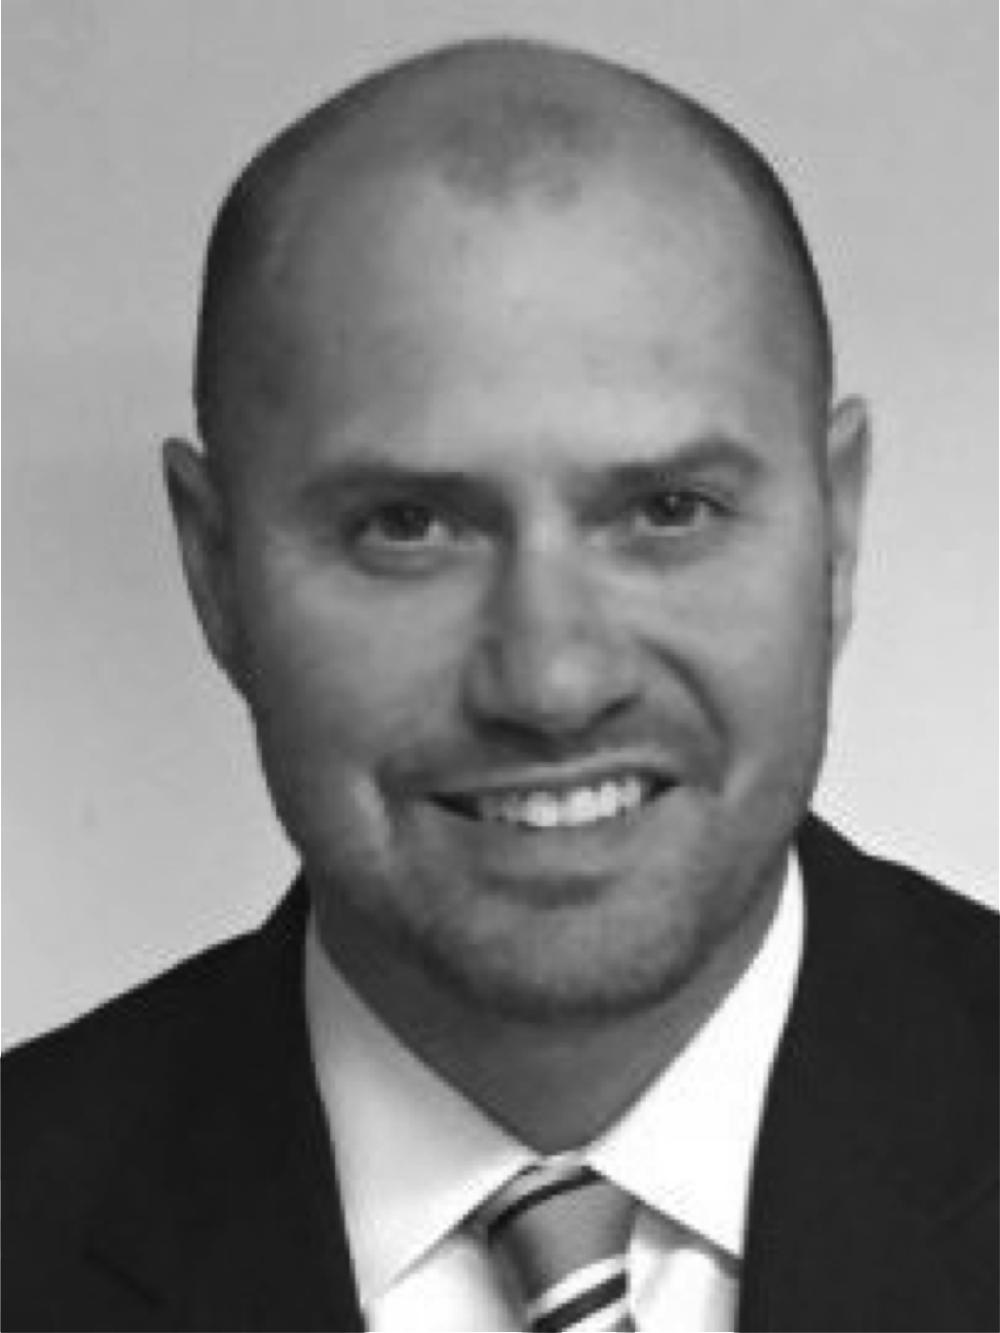 Scott Vandiver